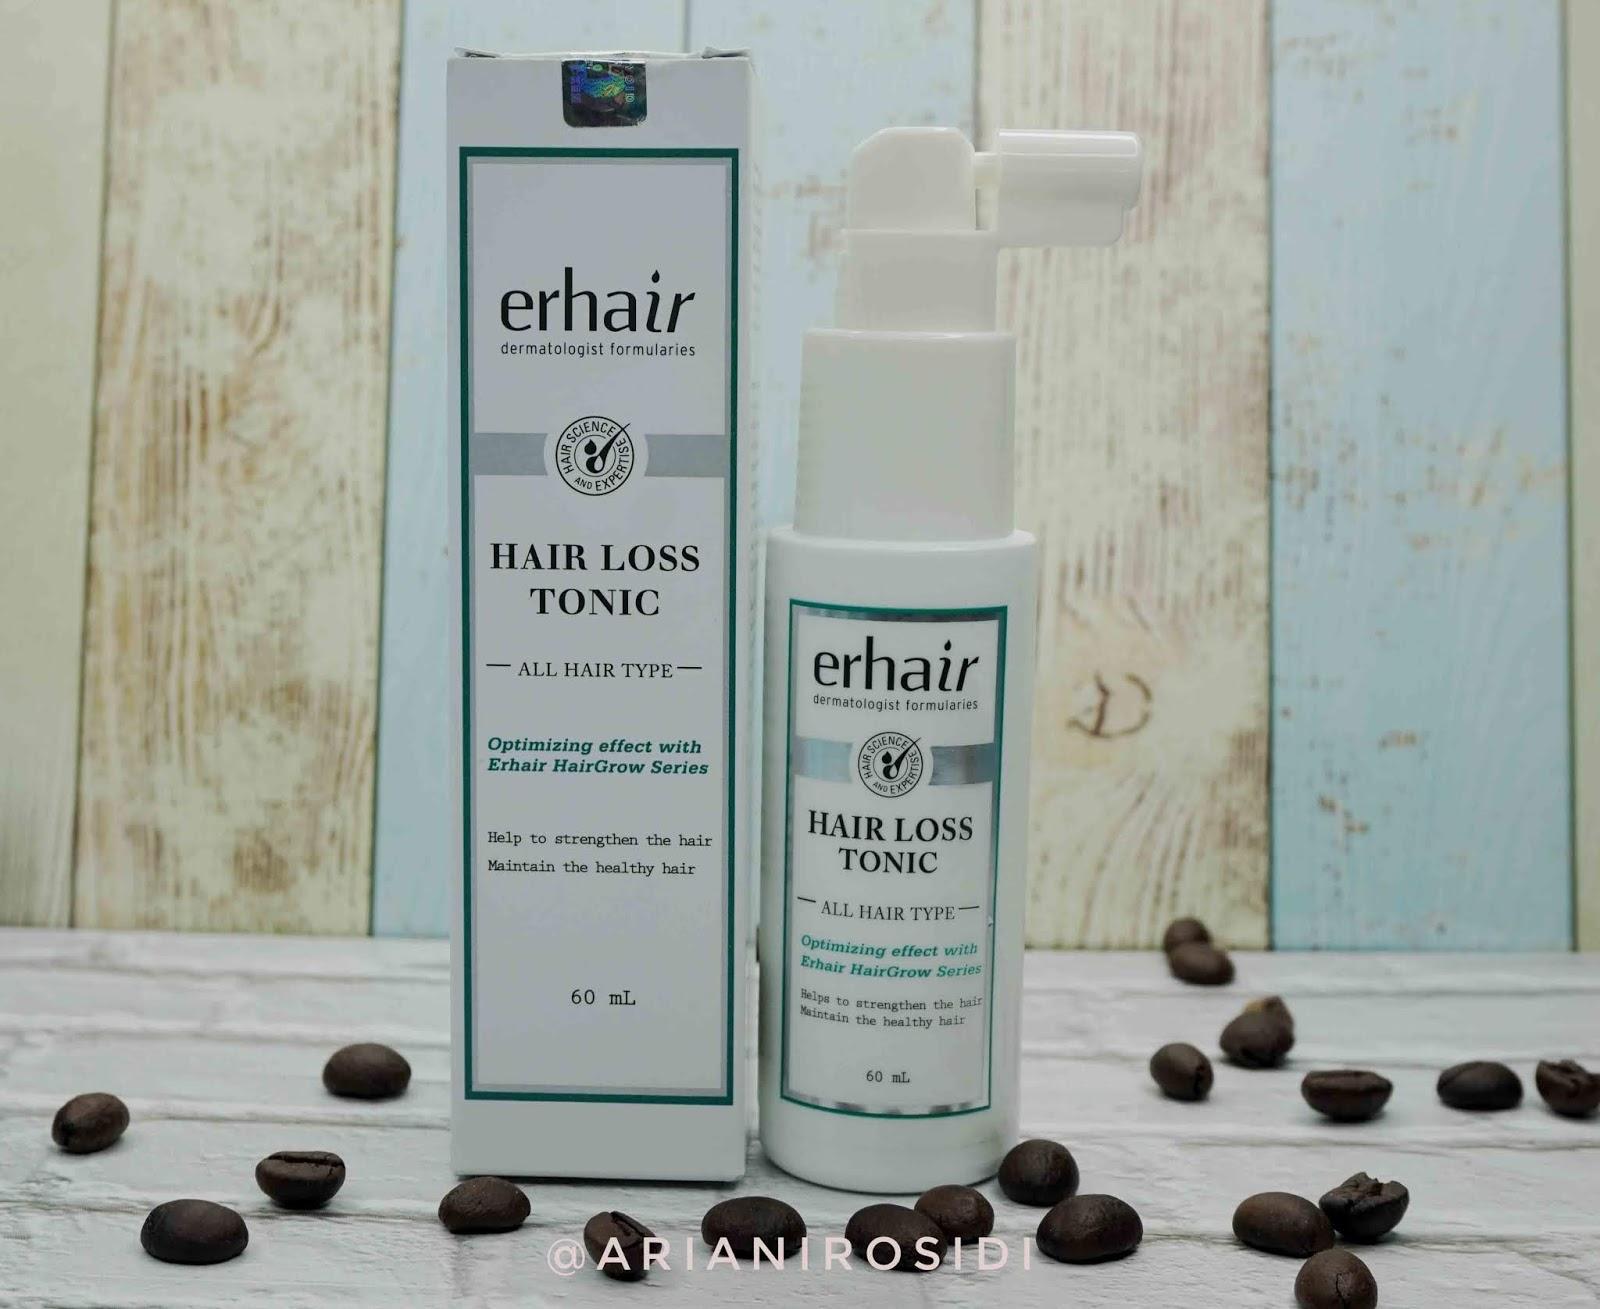 erhair